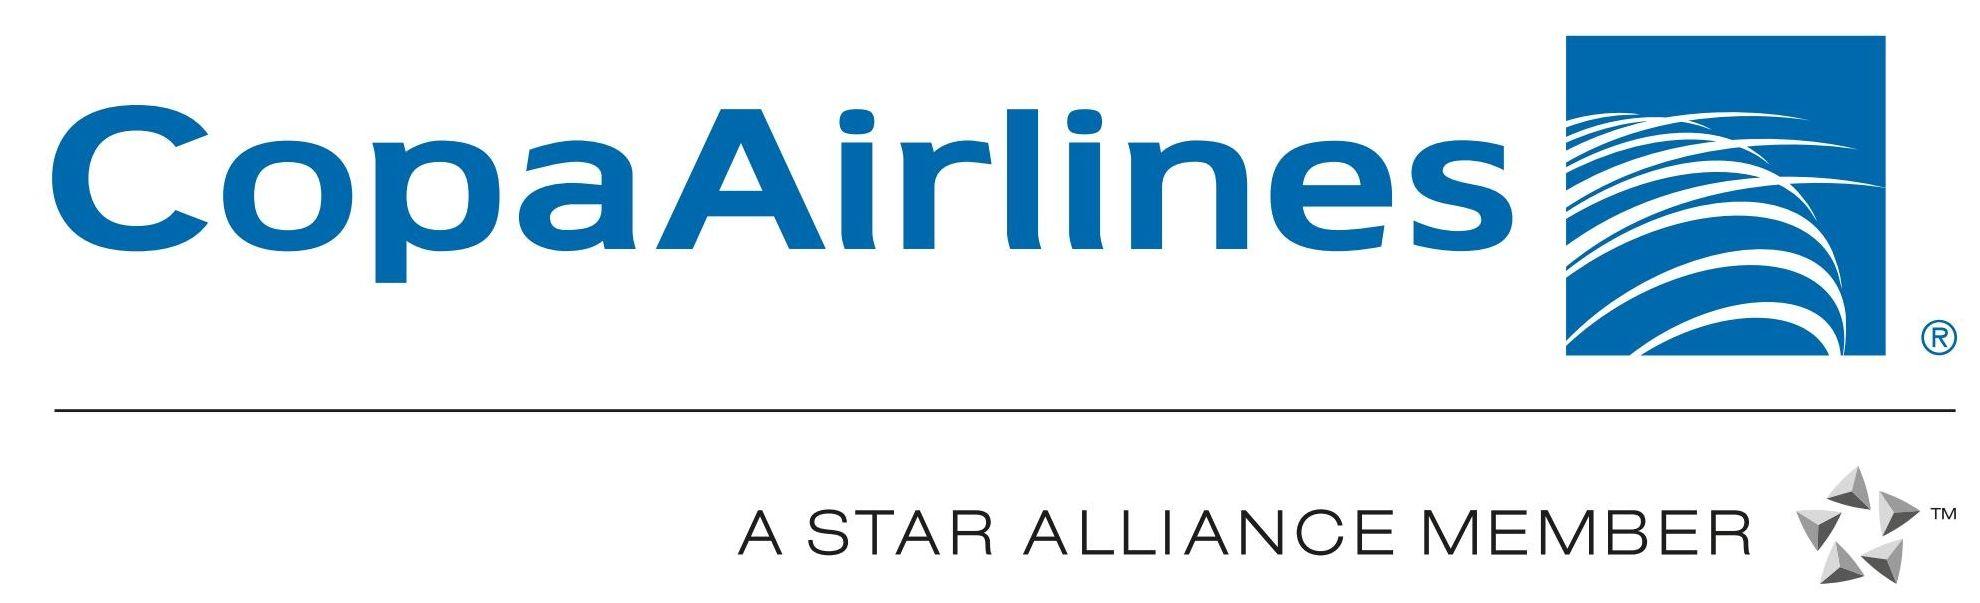 Resultado de imagen para copa airlines logo